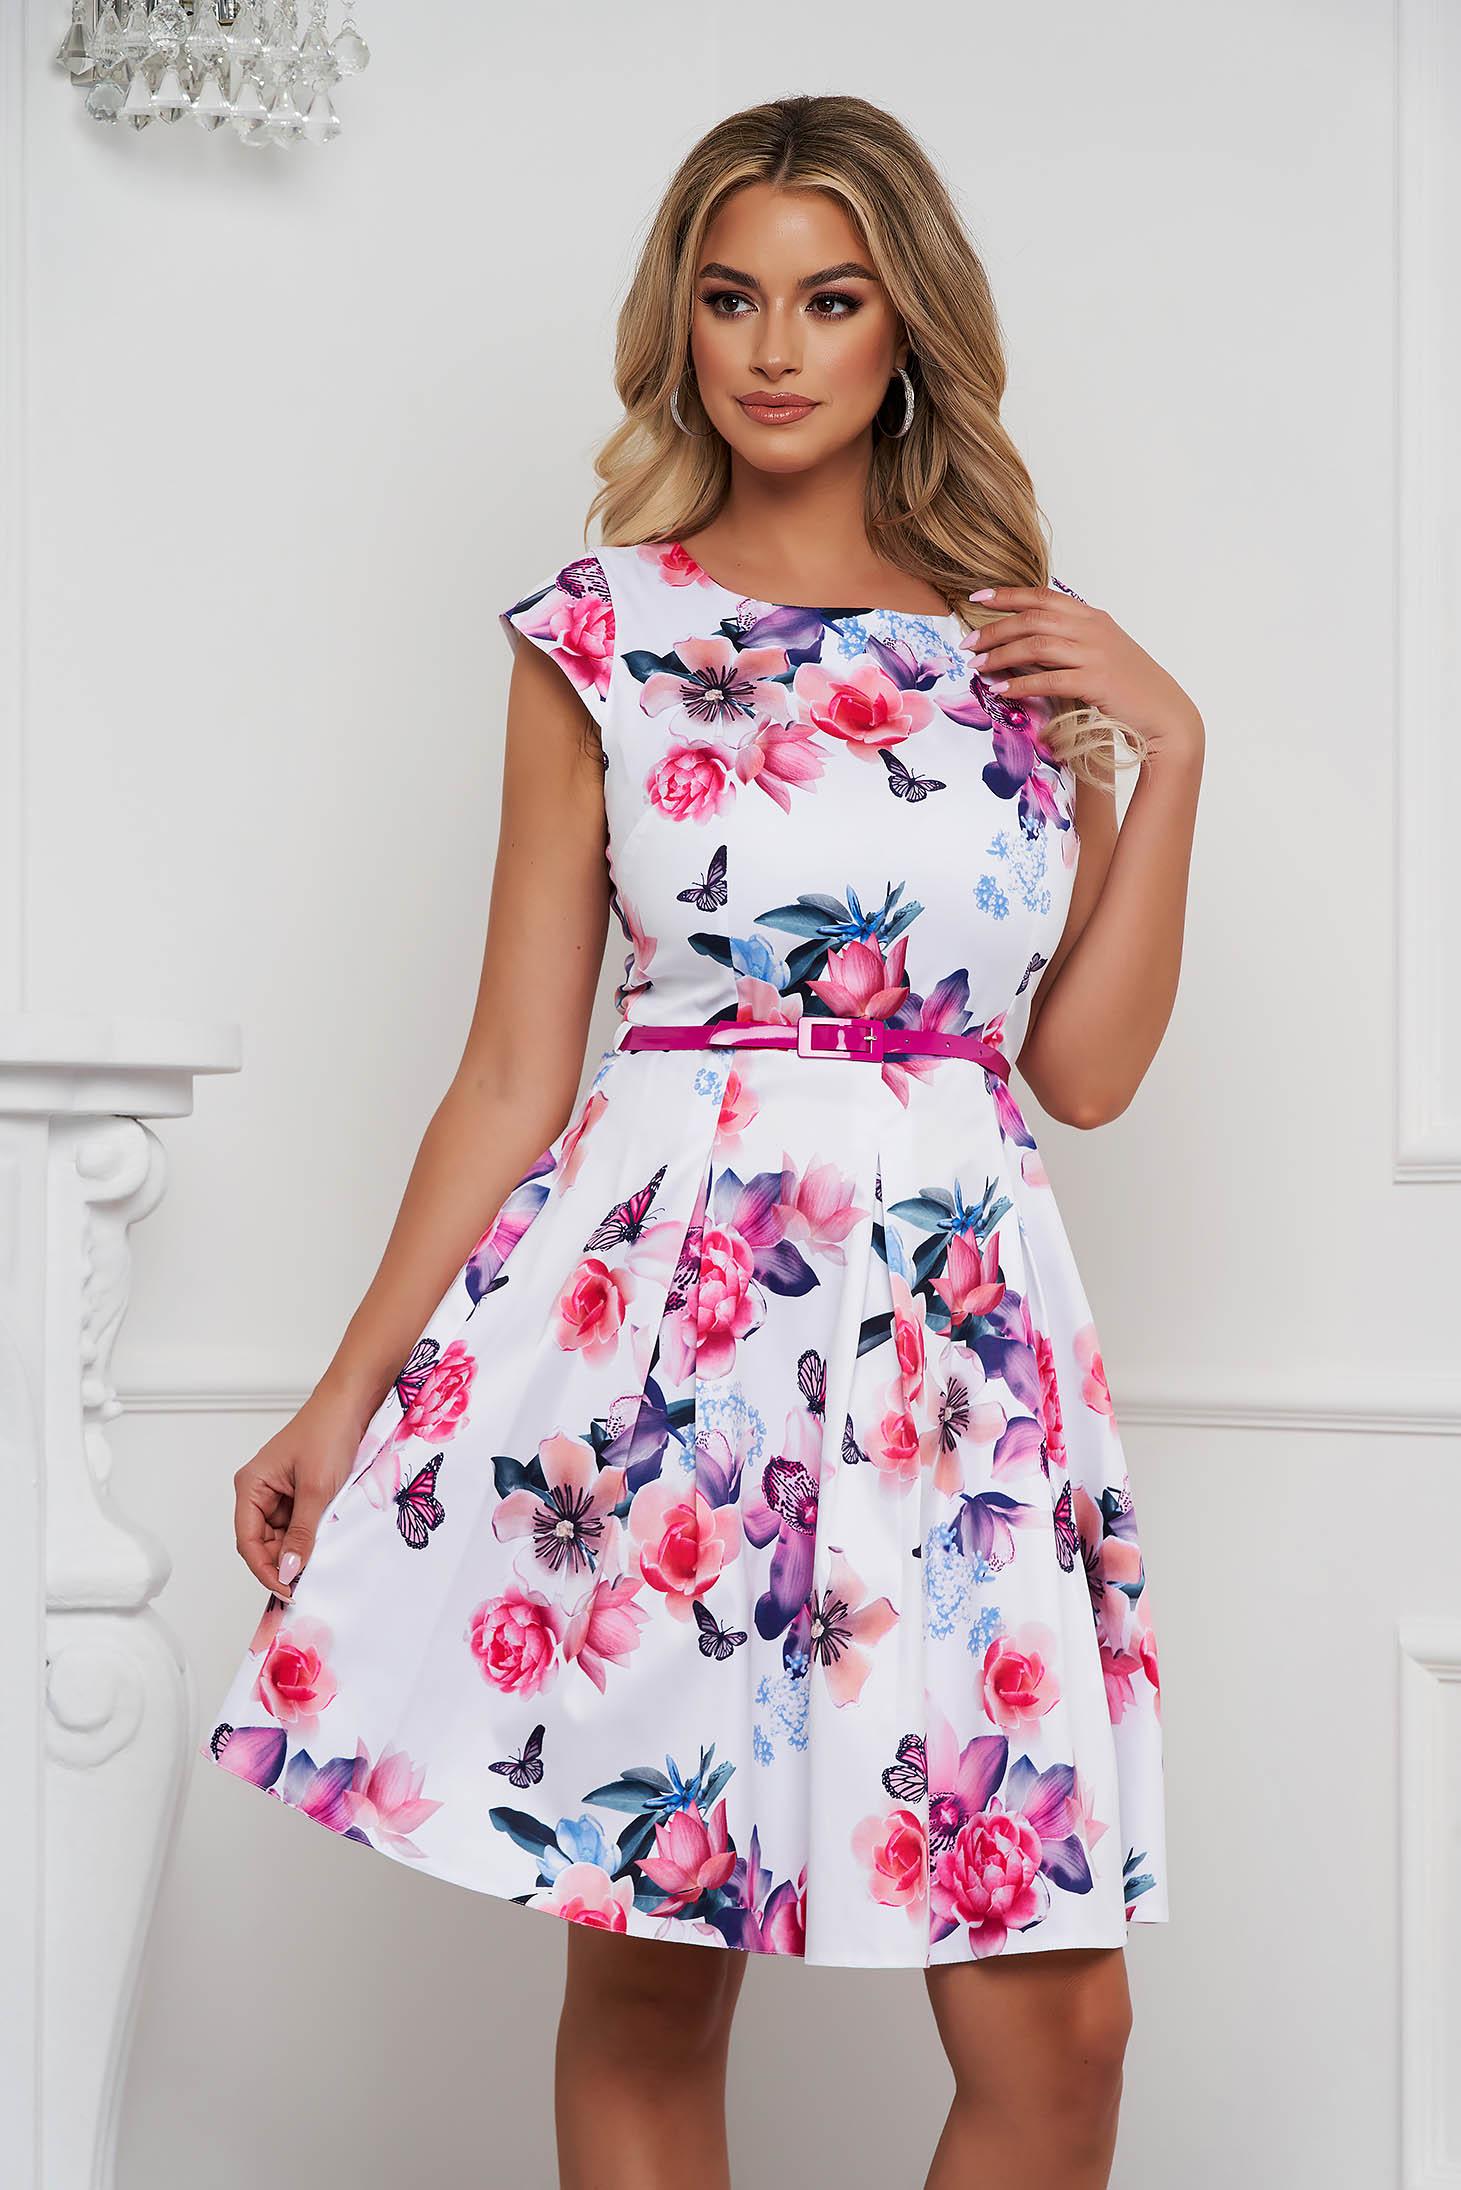 Rochie eleganta scurta in clos din material usor elastic cu imprimeu floral